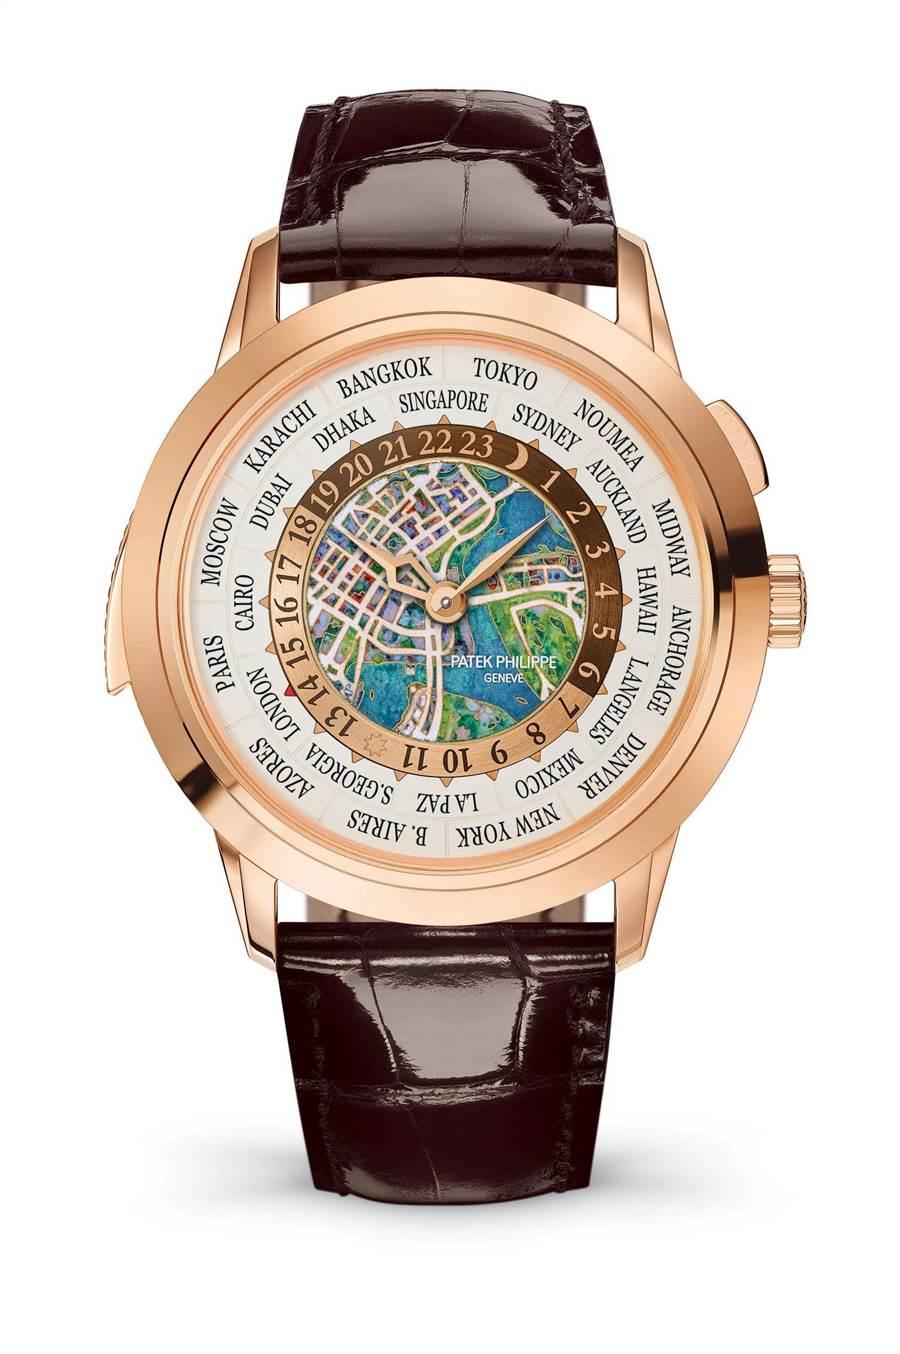 百達翡麗為慶祝新加坡建城200年推出琺瑯彩繪新加坡地圖的Ref.5531世界時間腕表。(Patek Philippe提供)